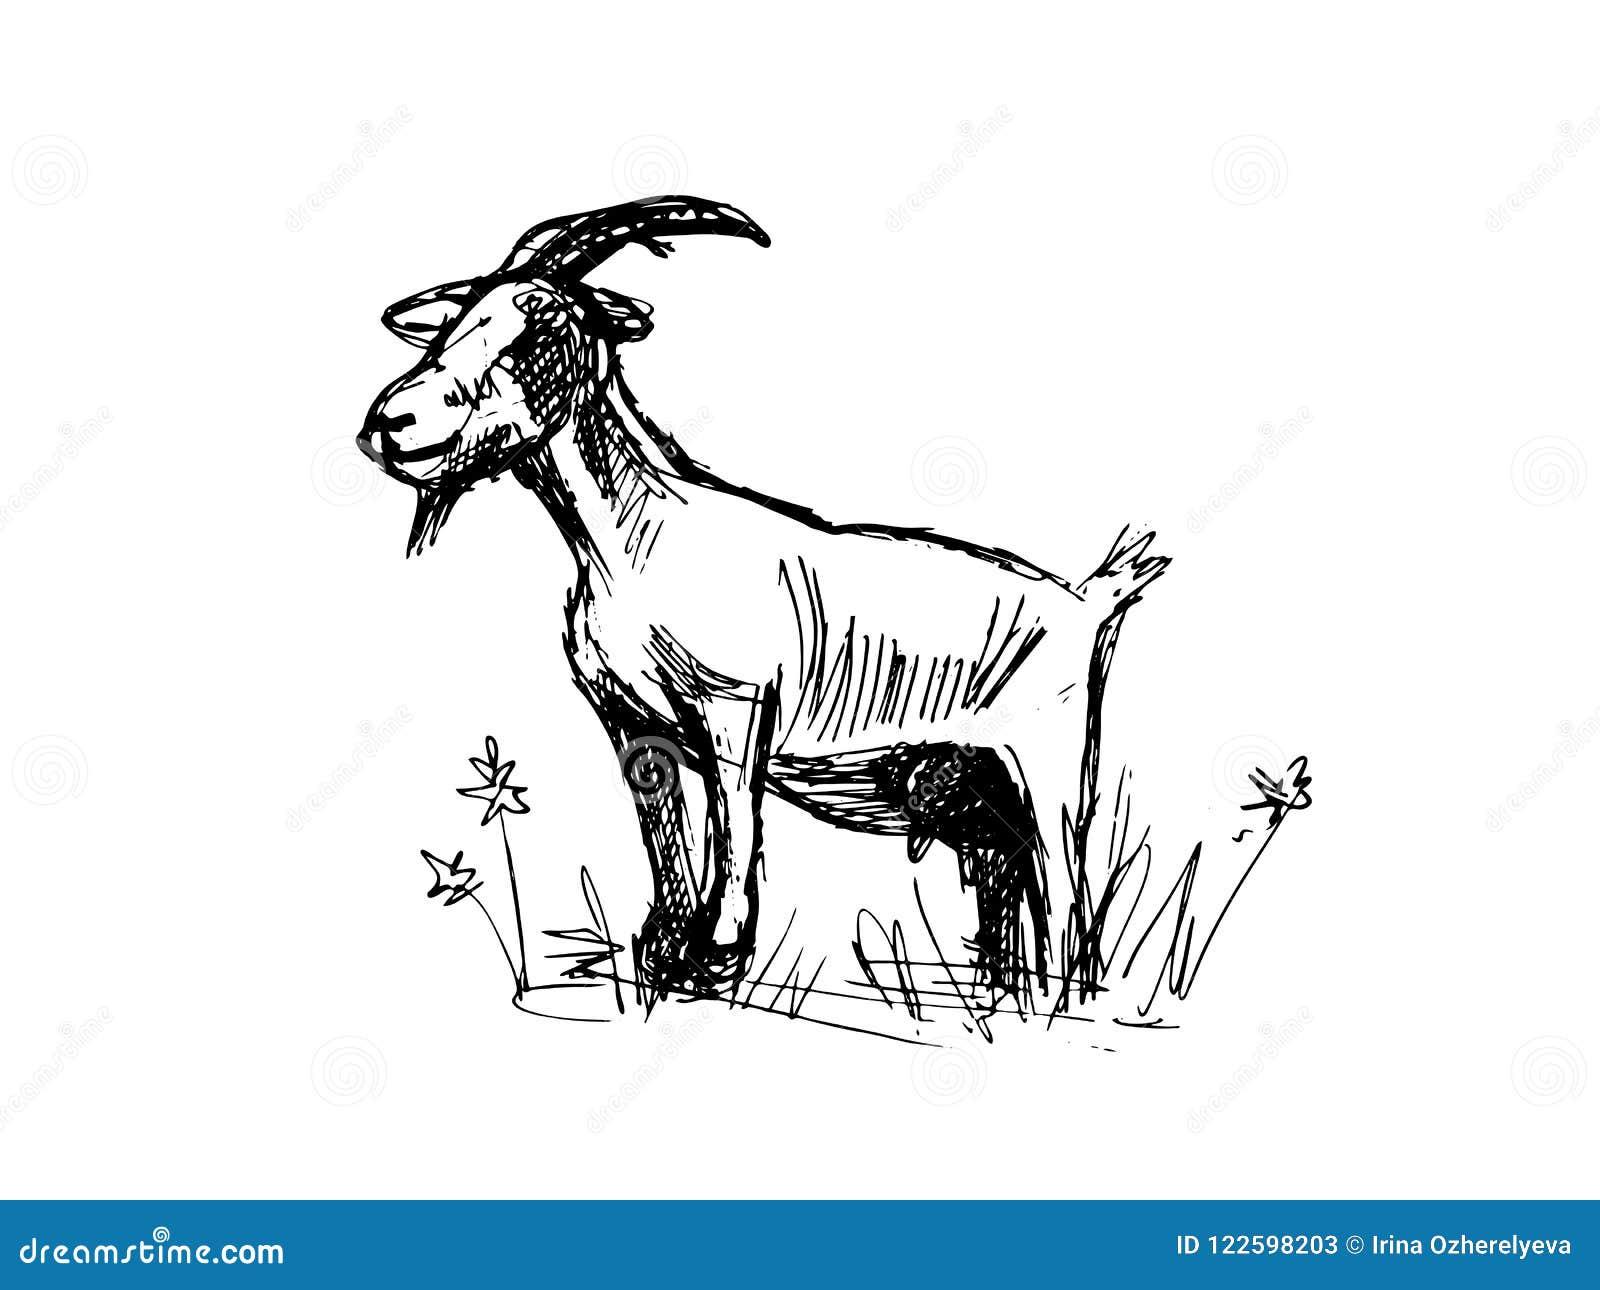 Goat sketch stock illustration  Illustration of mammal